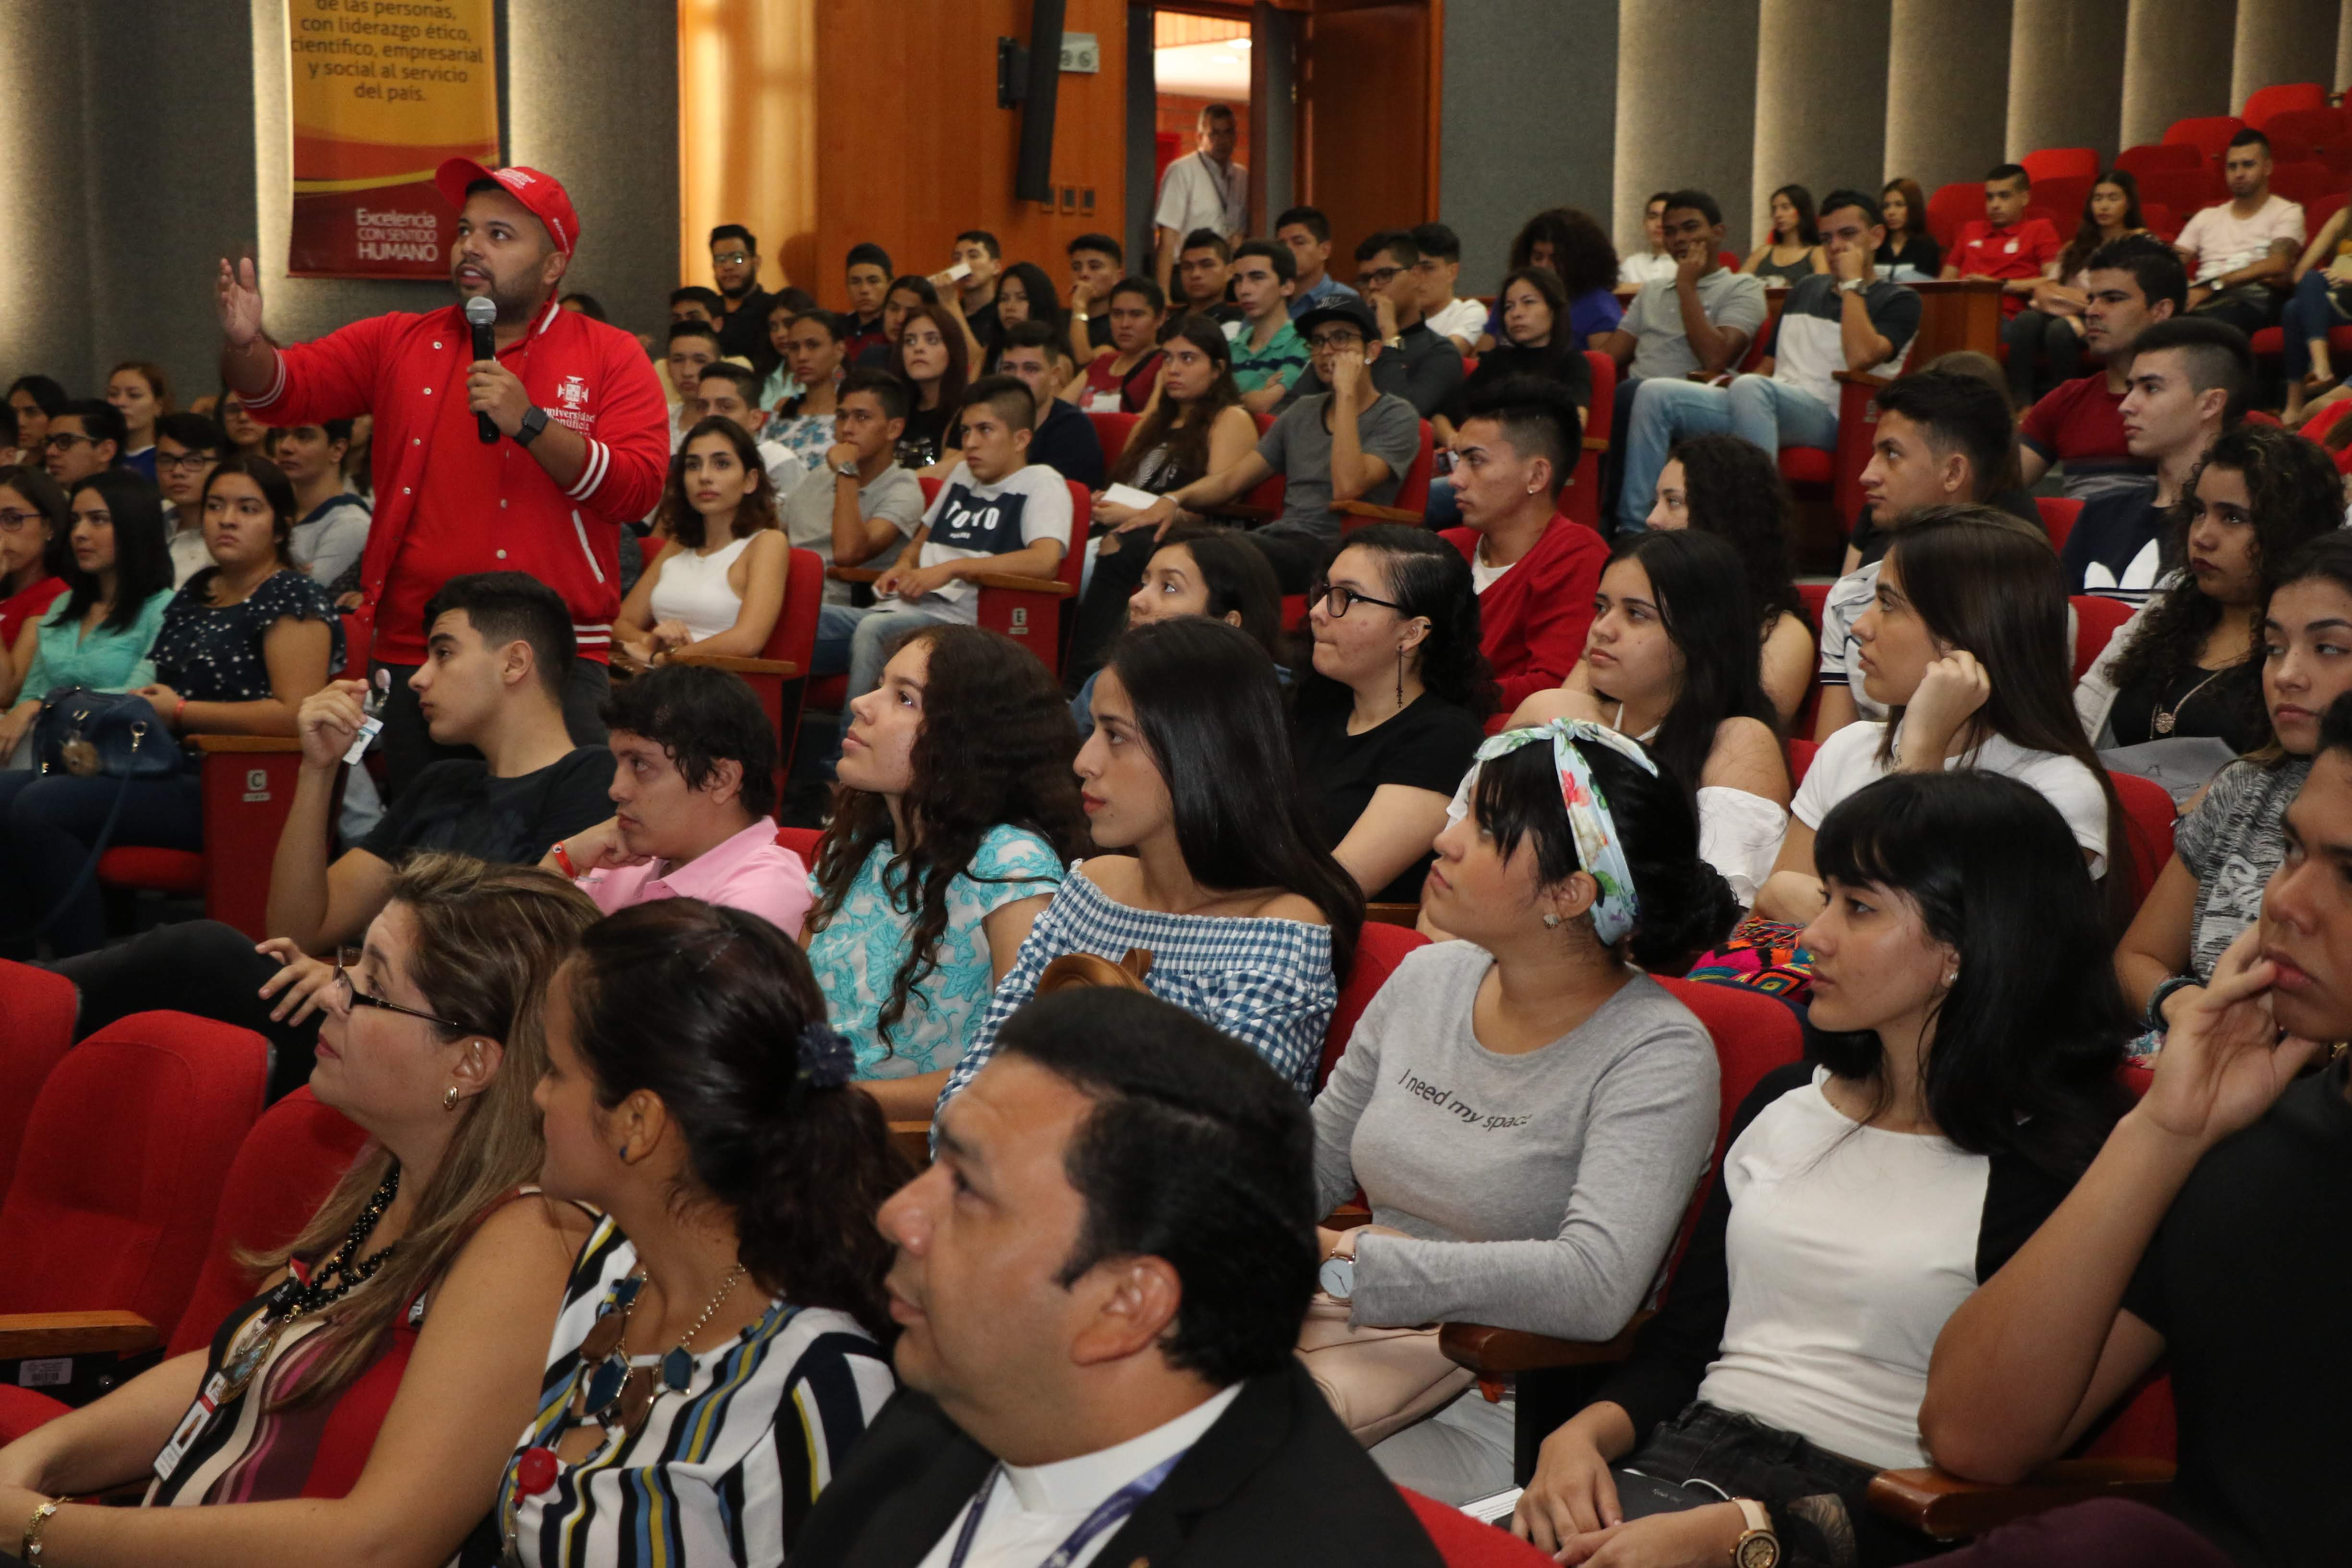 Encuentro U4 en la UPB. Socialización de programas y procesos de las universidades  | Educación | Variedades | EL FRENTE